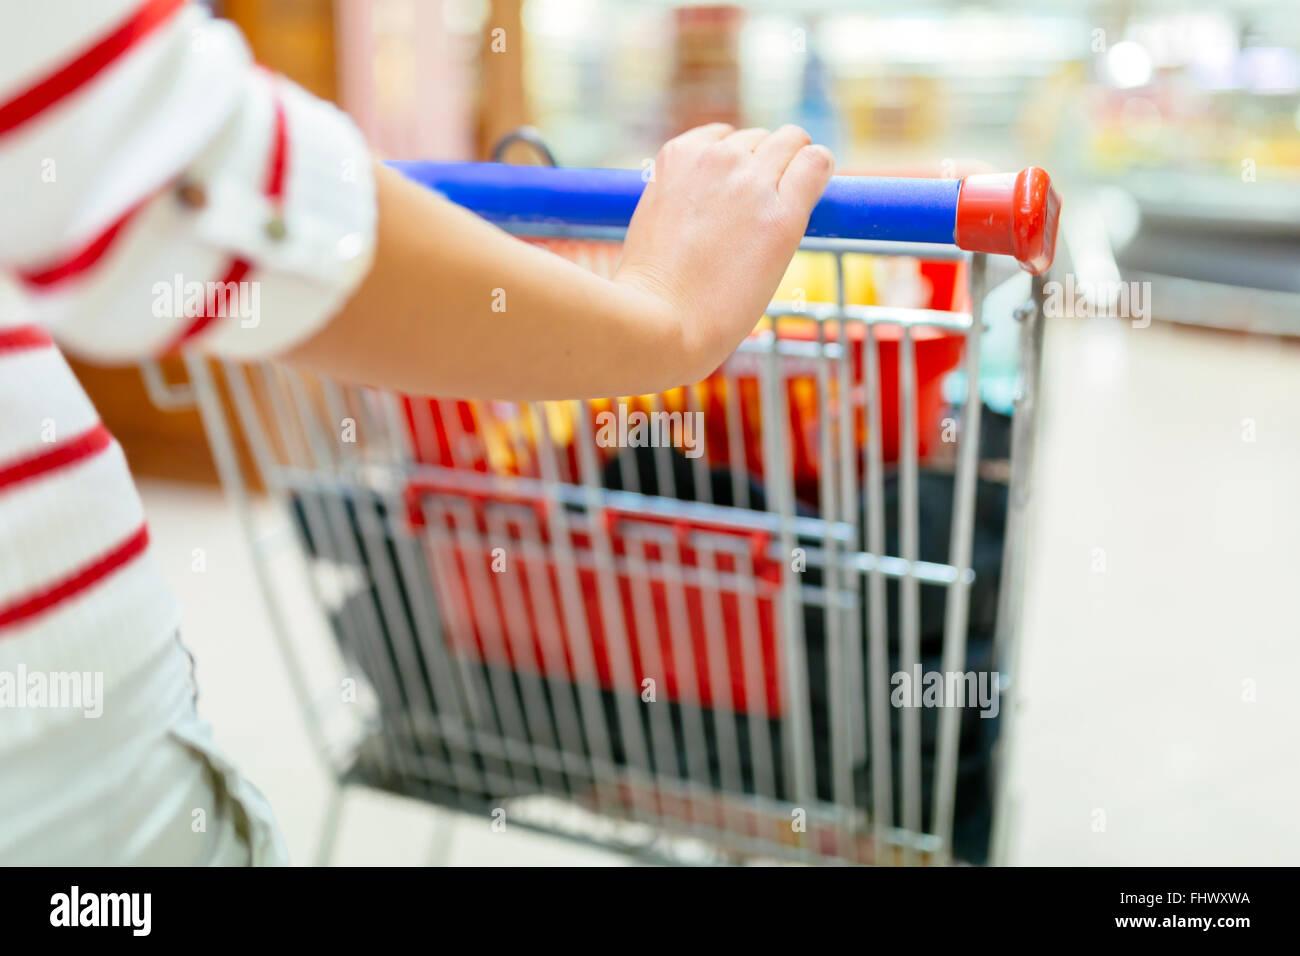 Frau im Supermarkt einkaufen und Warenkorb füllen Stockbild